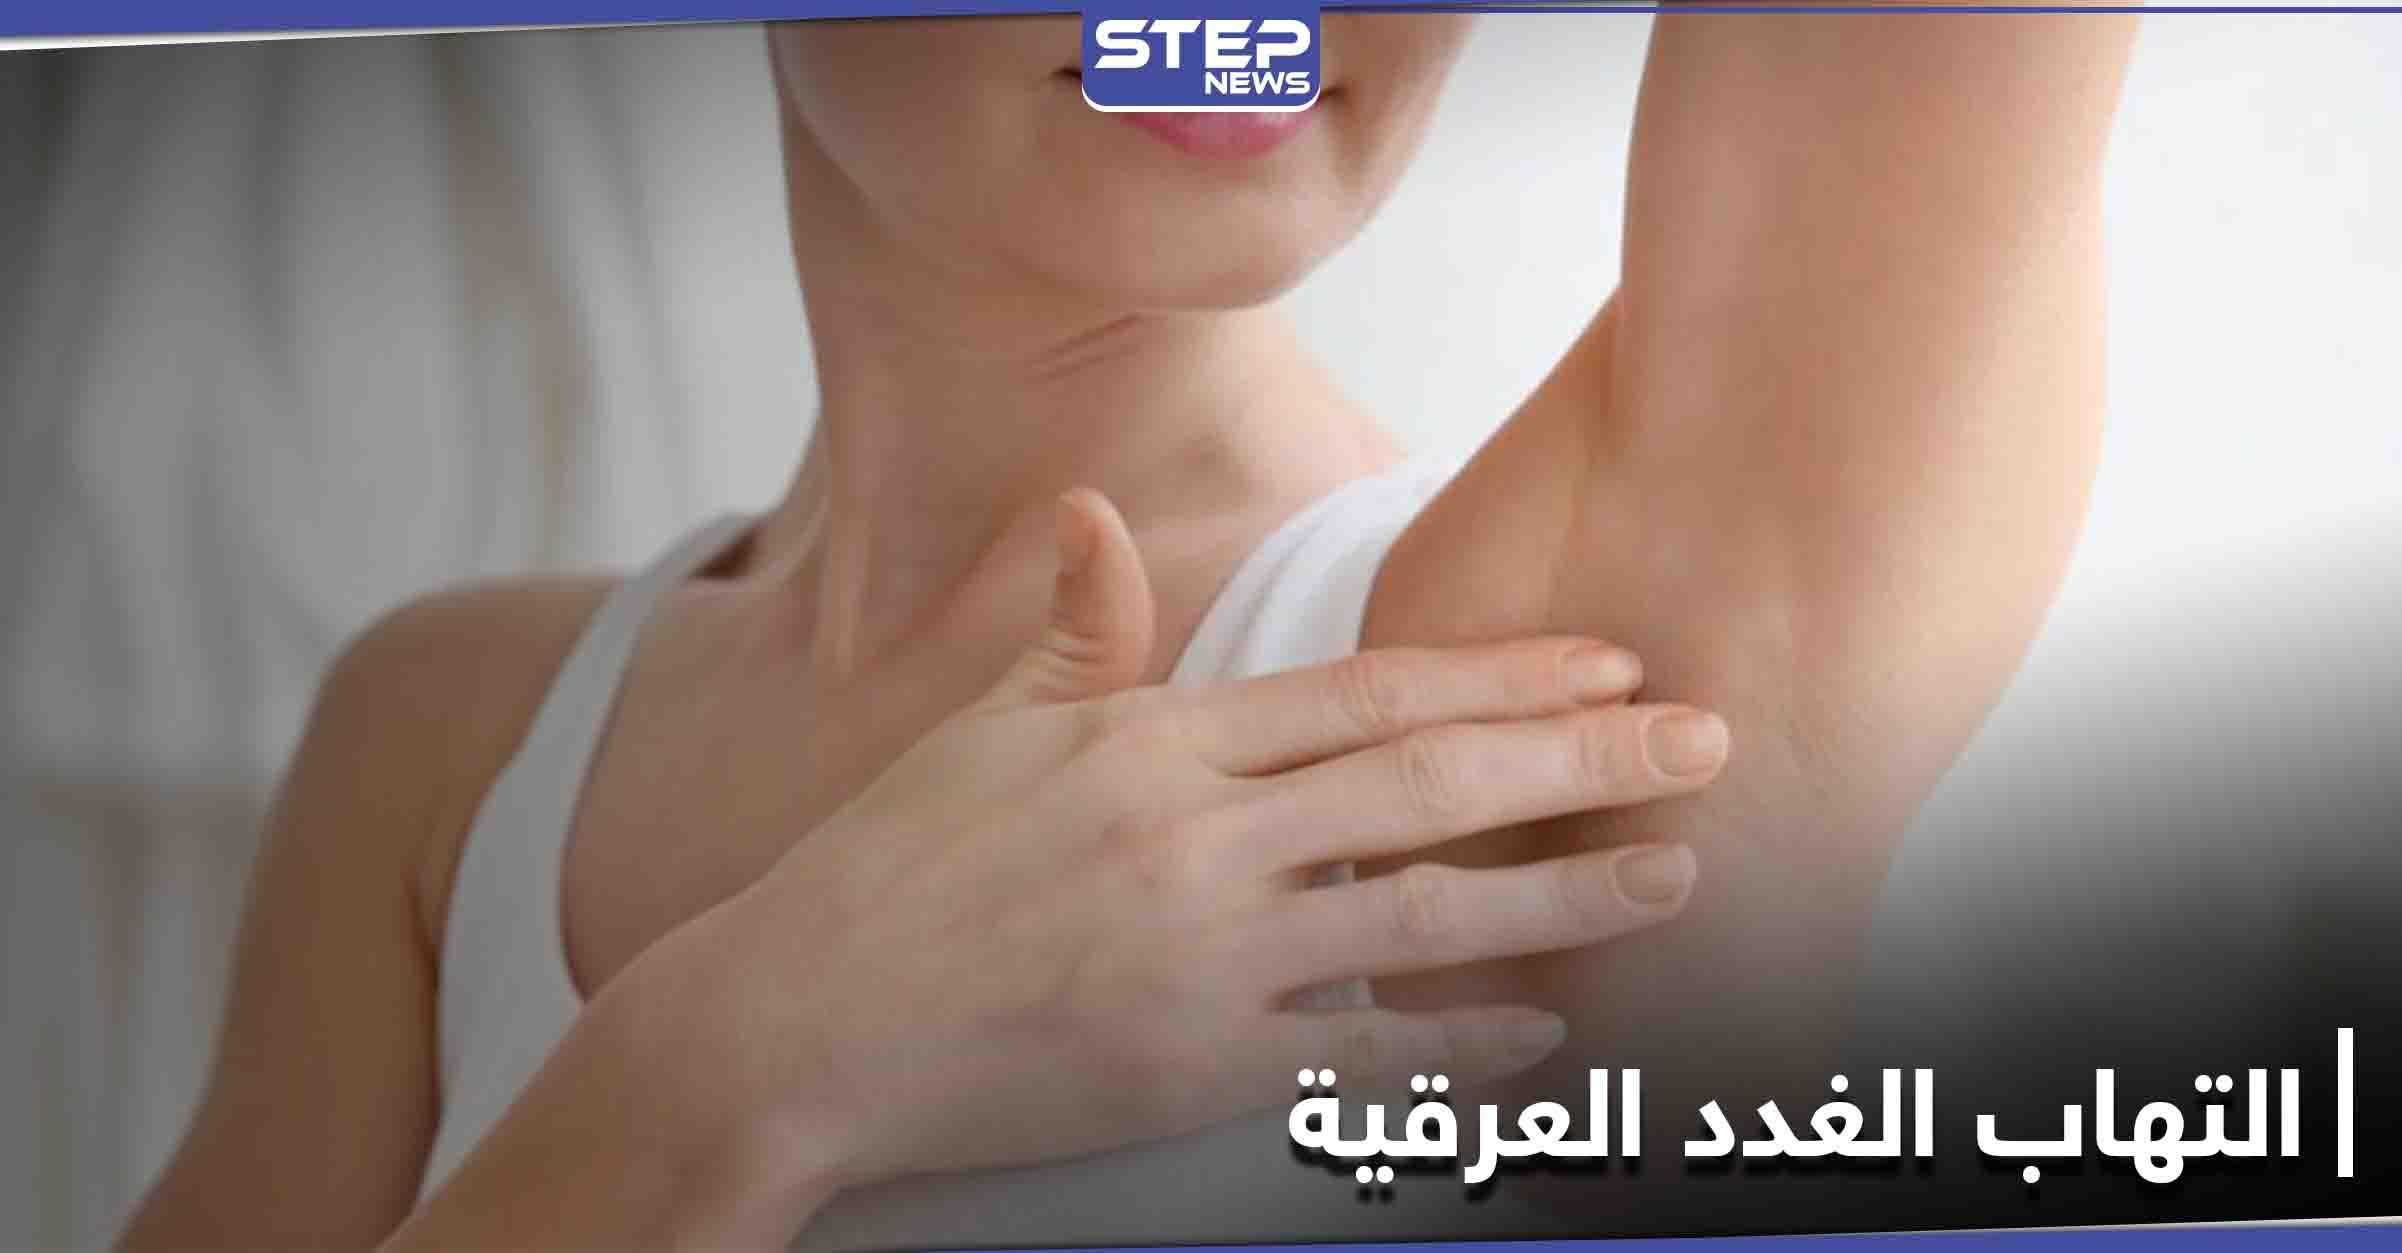 متى يحتاج التهاب الغدد العرقية إلى الجراحة تعرف إلى أعراضه وطرق العلاج